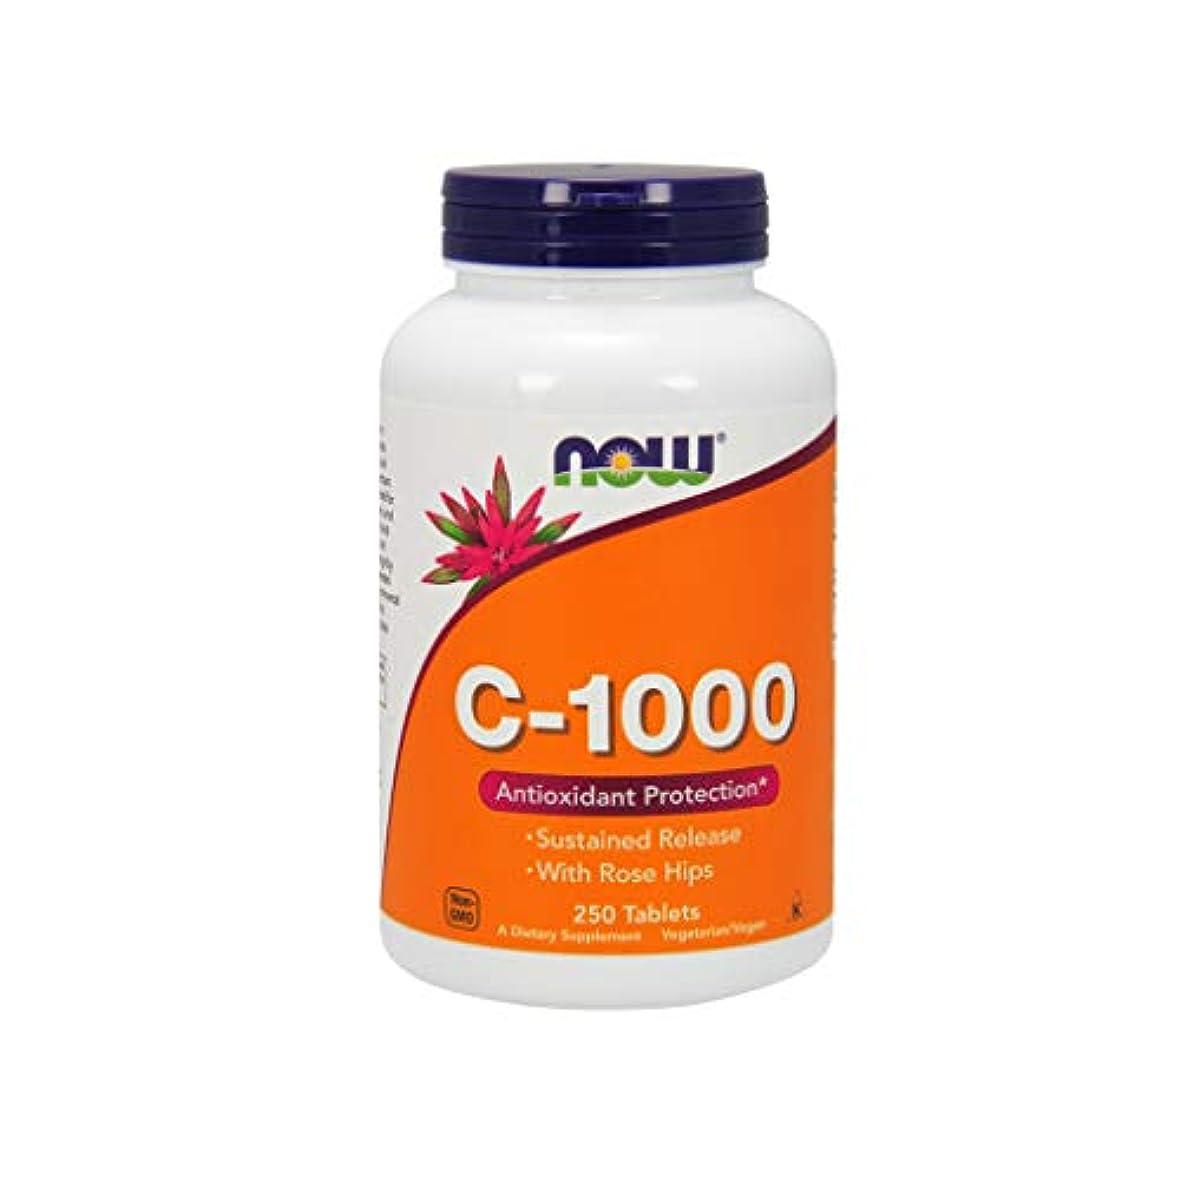 アテンダントマウスシャイ[海外直送品] ナウフーズ  - バラの実が付いているビタミンC1000の時間解放 - 250錠剤